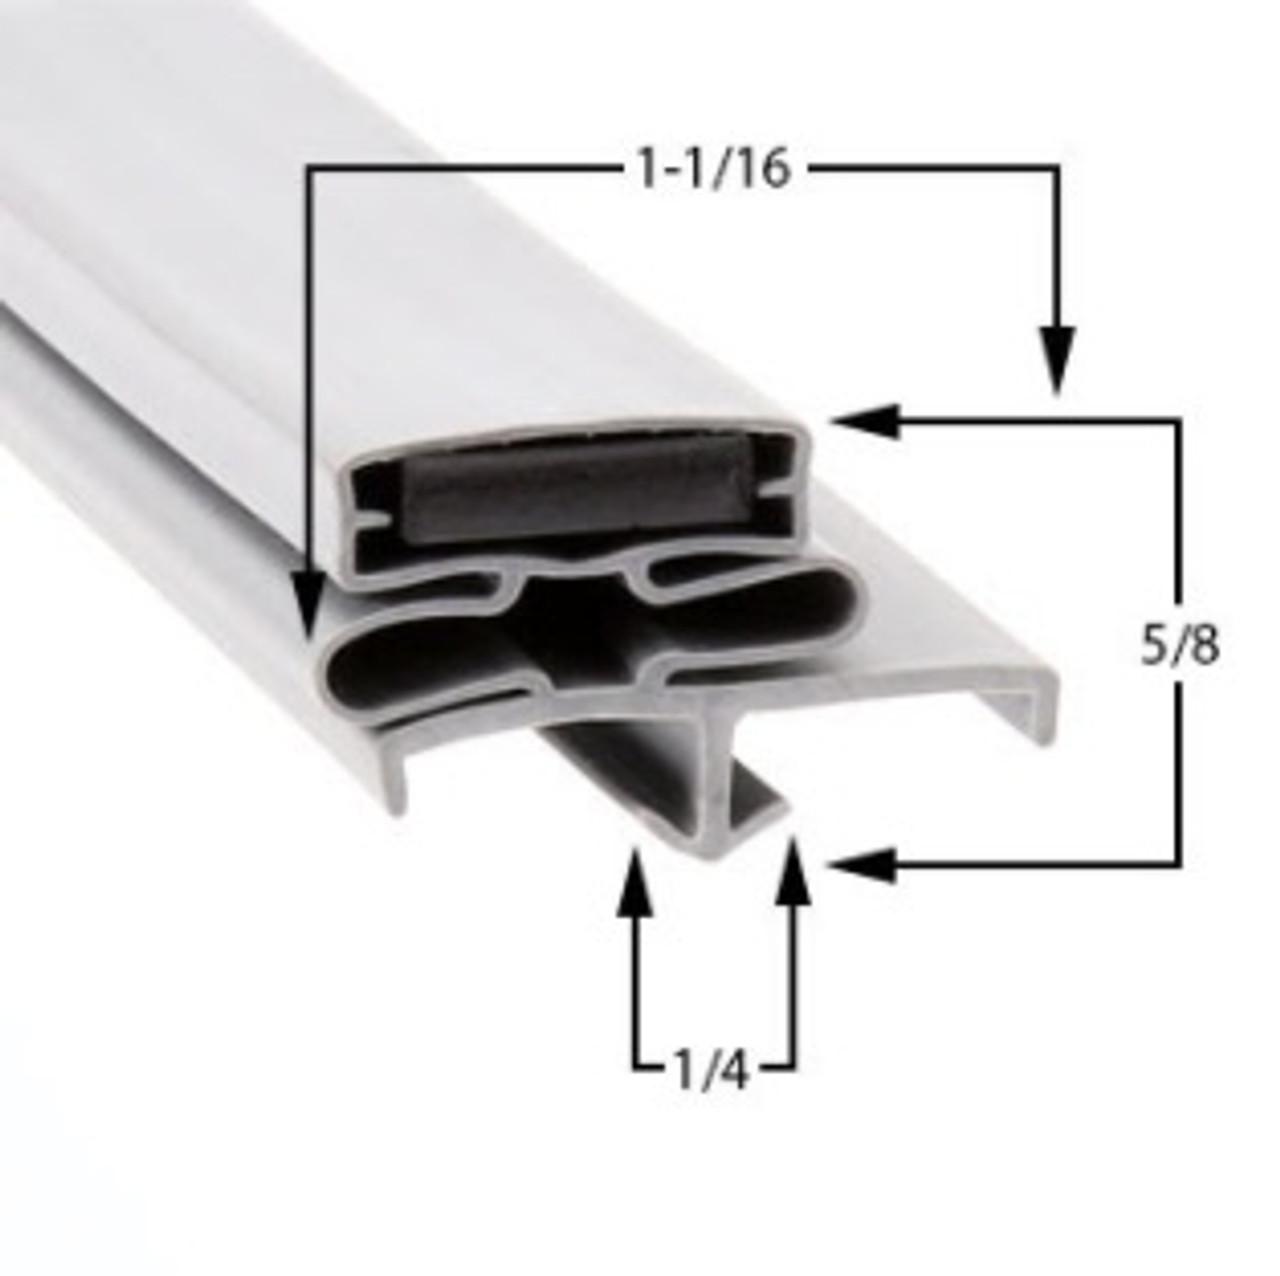 McCall-Cooler-and-Freezer-Door-Gasket-Style-9532-23-3-4-x-29-3-4_2